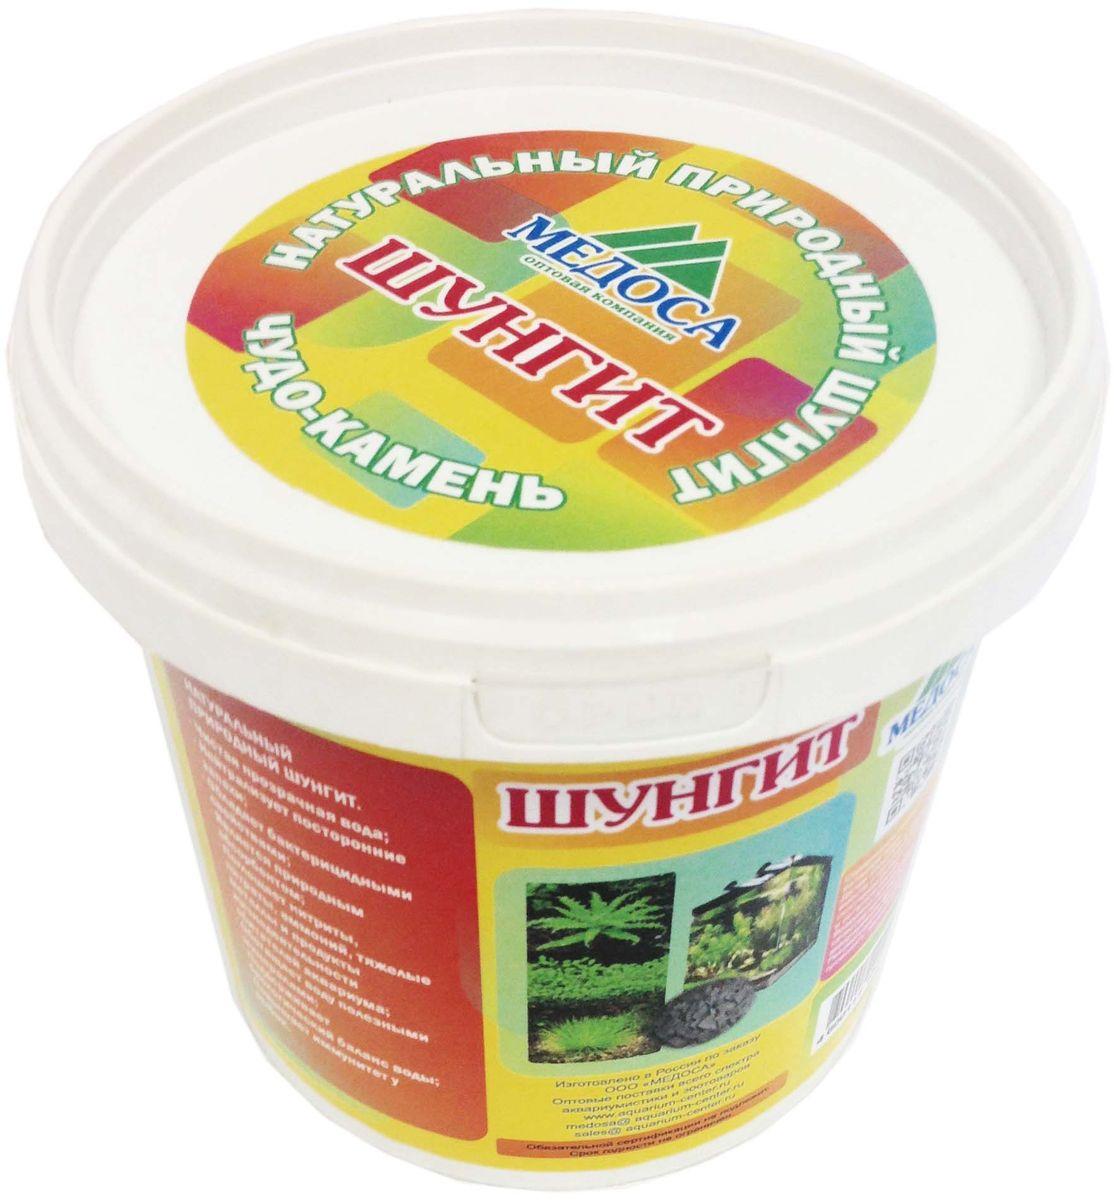 Грунт для аквариума Медоса, шунгит природный, 1,3 кг